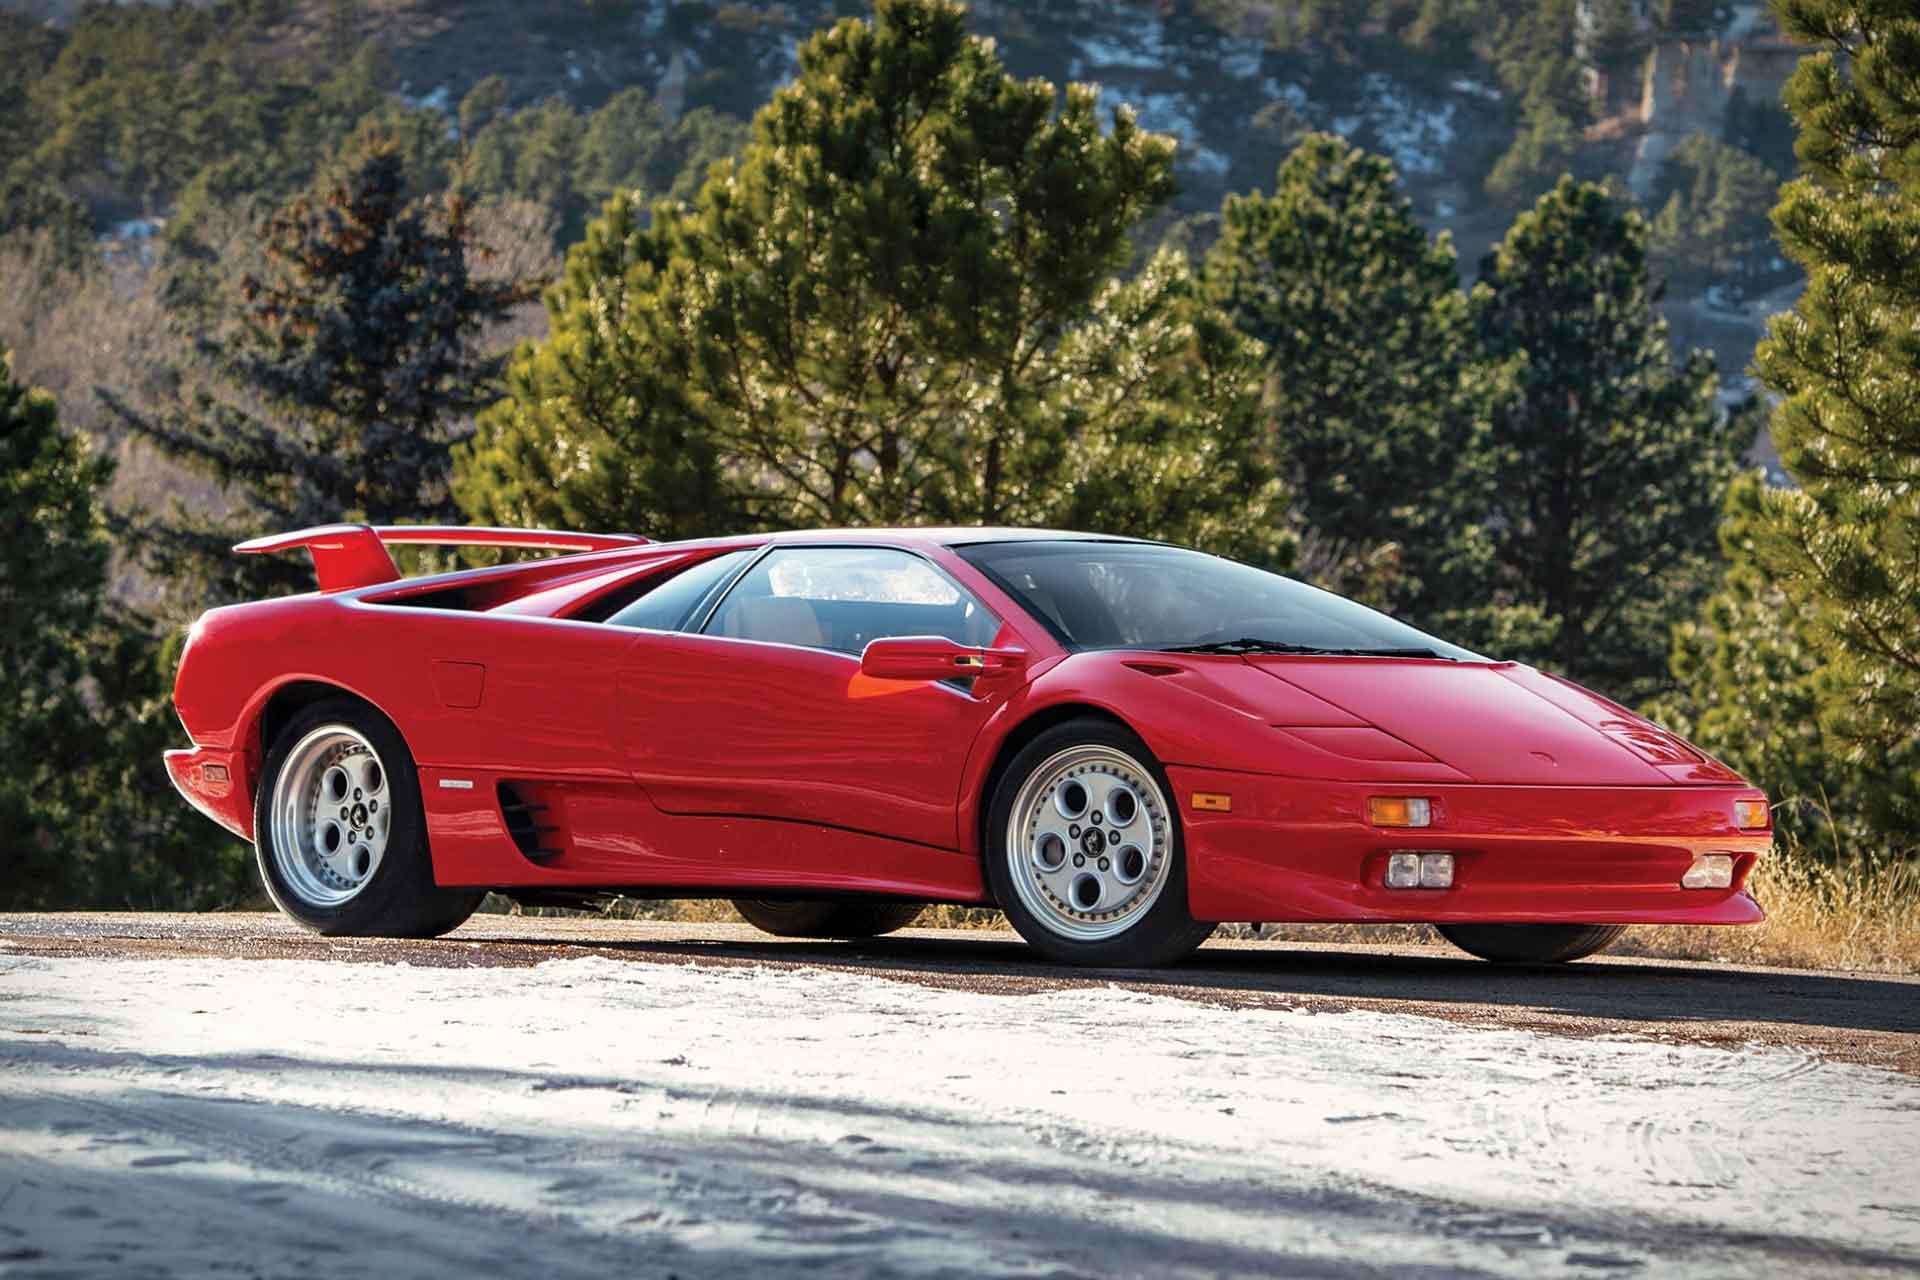 Mario Andretti's 1991 Lamborghini Diablo